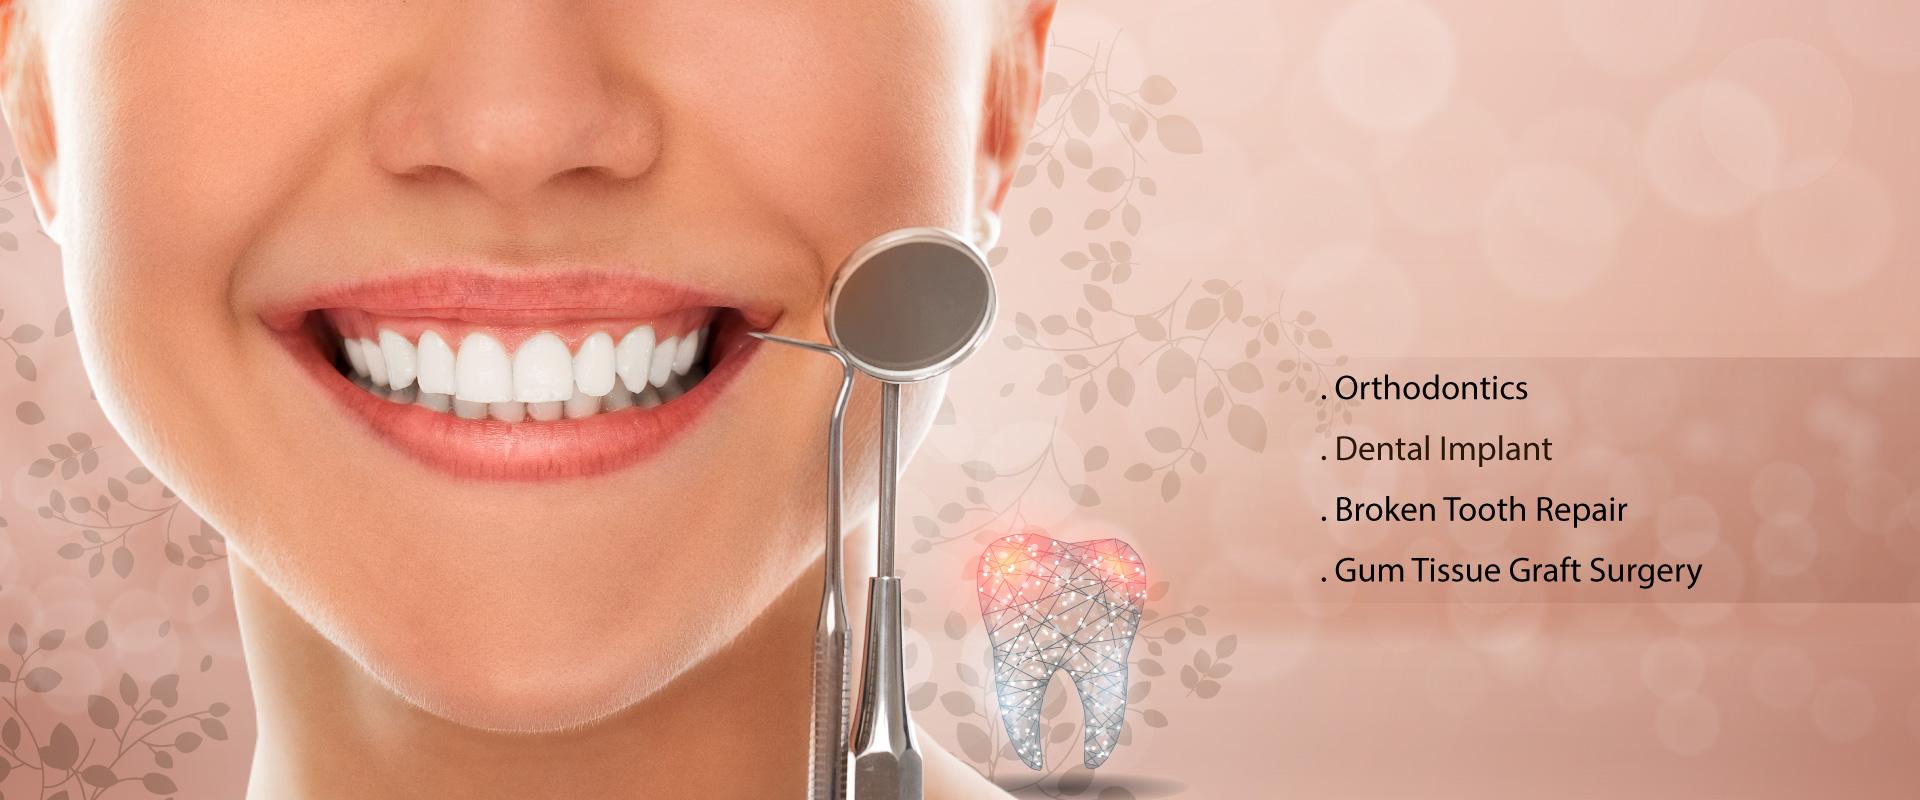 2 %D8%AF%DA%A9%D8%AA%D8%B1 %D9%81%D8%B1%D8%AE %D9%86%DA%98%D8%A7%D8%AF - برای یک عمرتان لبخند زیبا بسازید